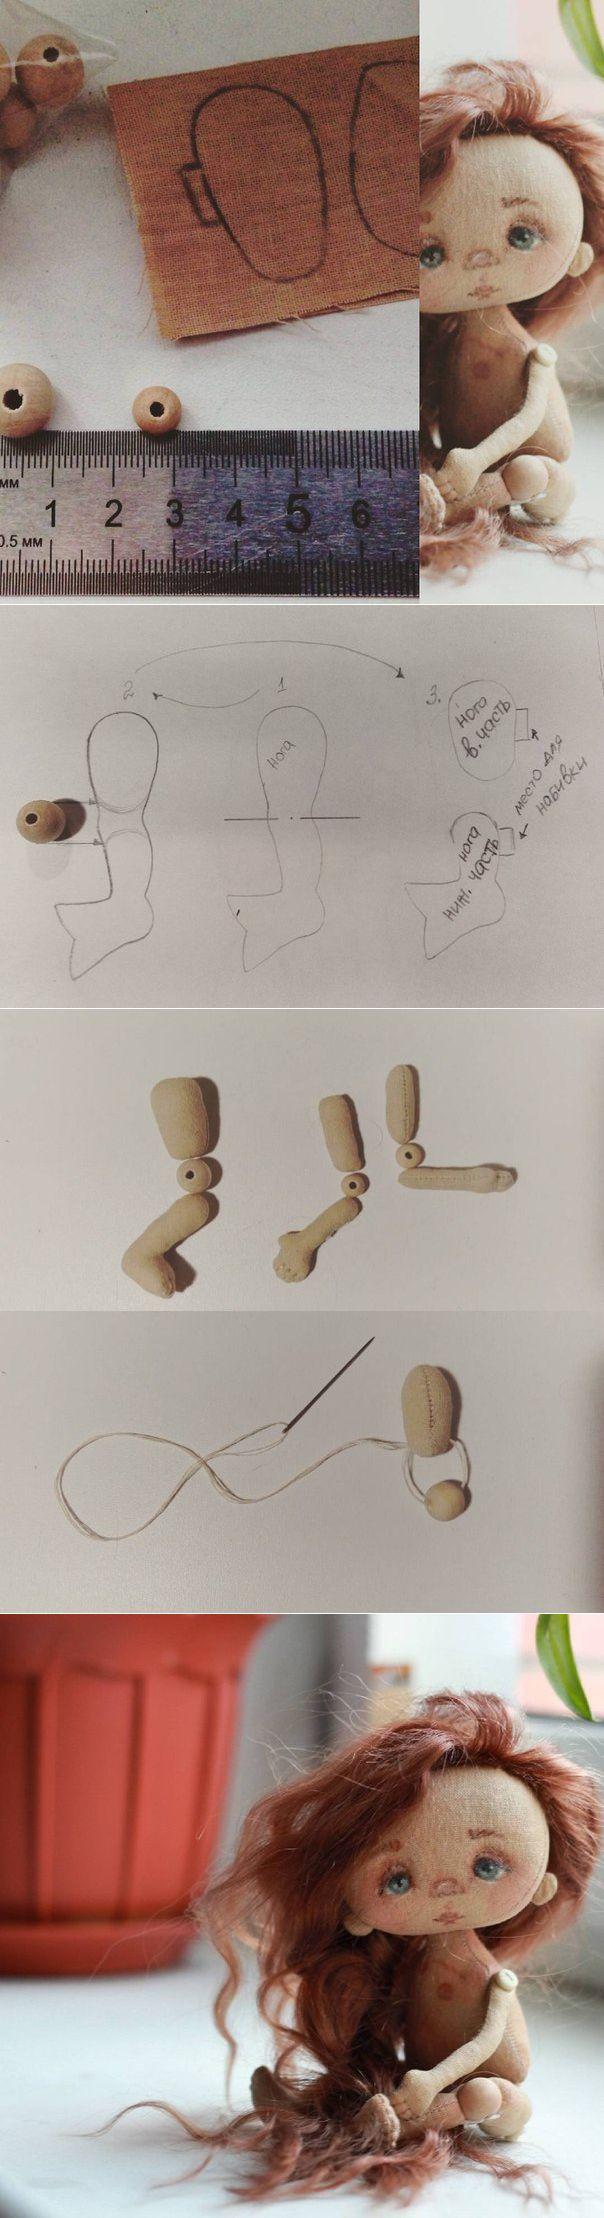 Шарнирное крепление рук и ног текстильной куклы через бусину..